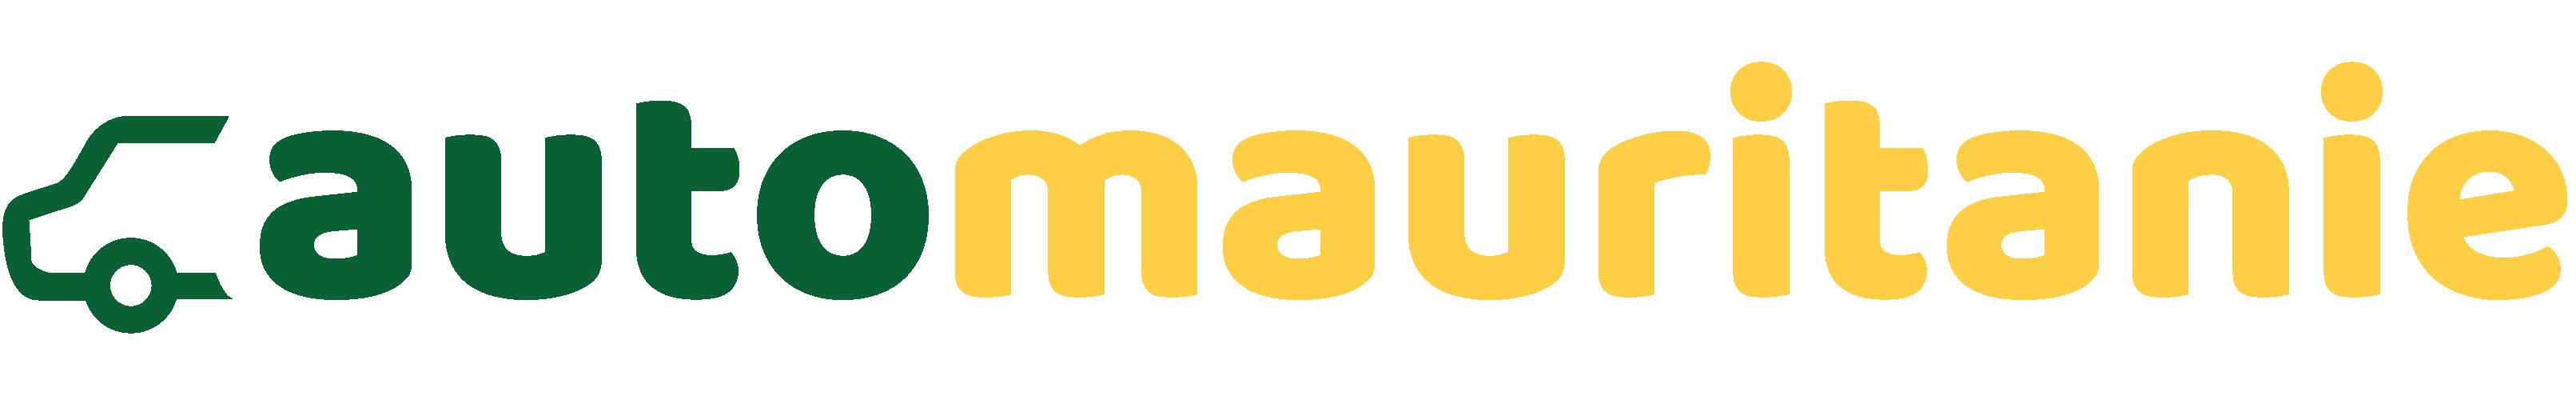 Automauritanie logo